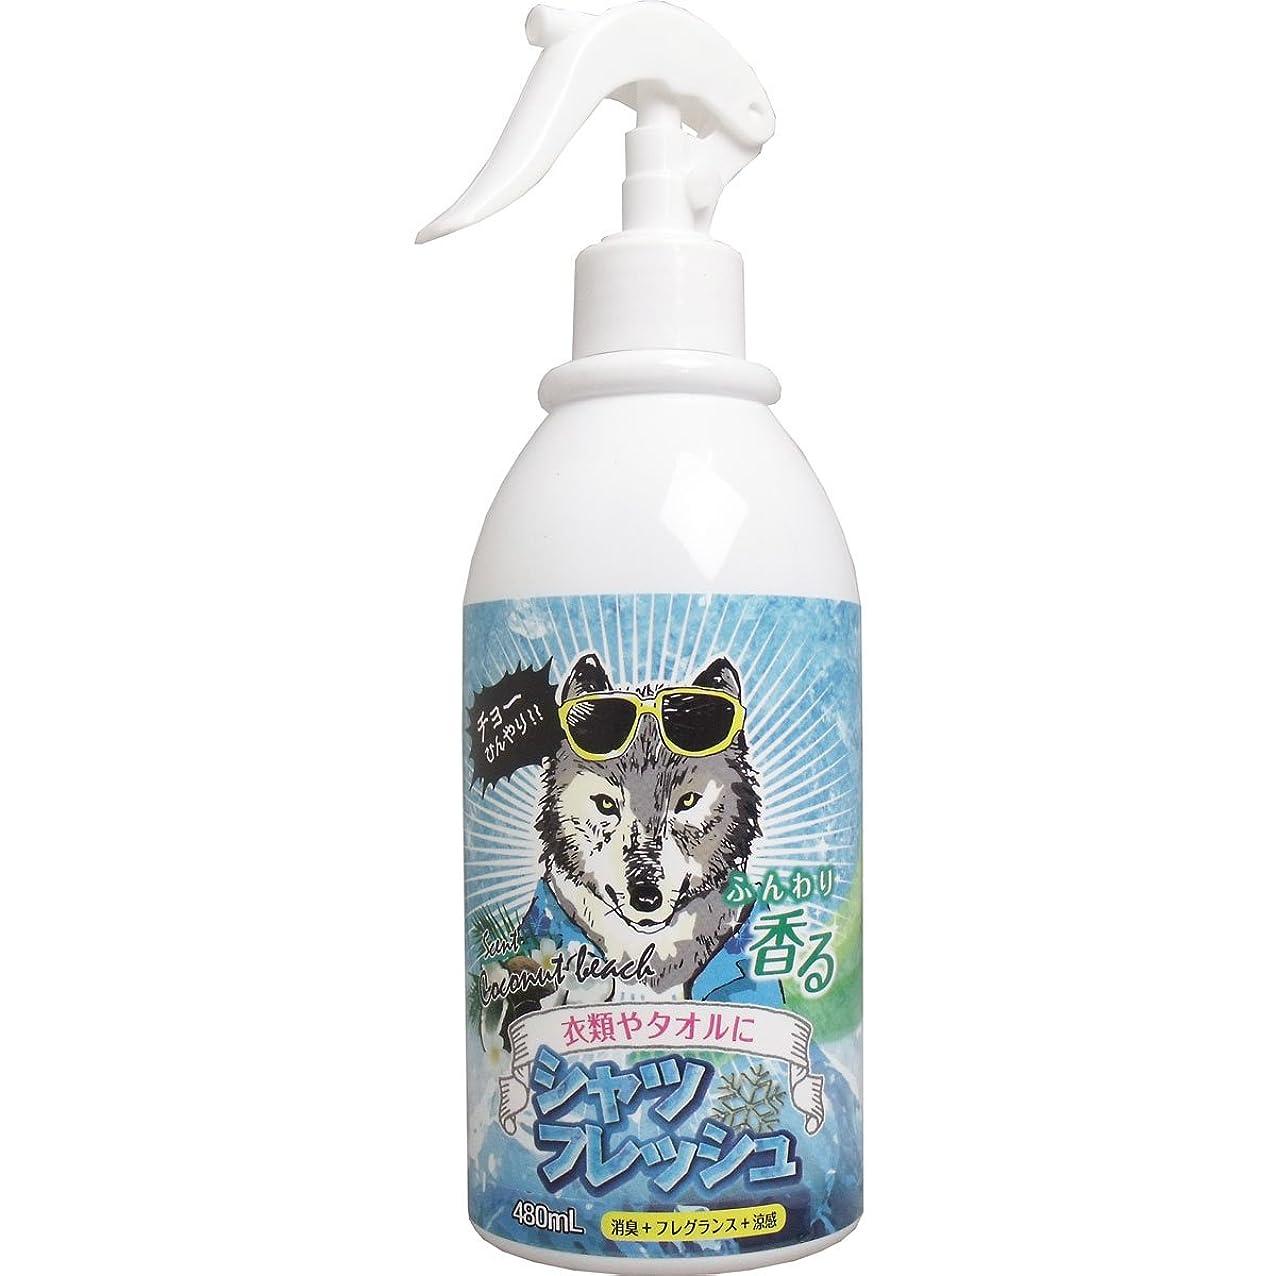 検出する暴行マイナス香るシャツフレッシュ オオカミ ココナッツピーチの香り 480mL